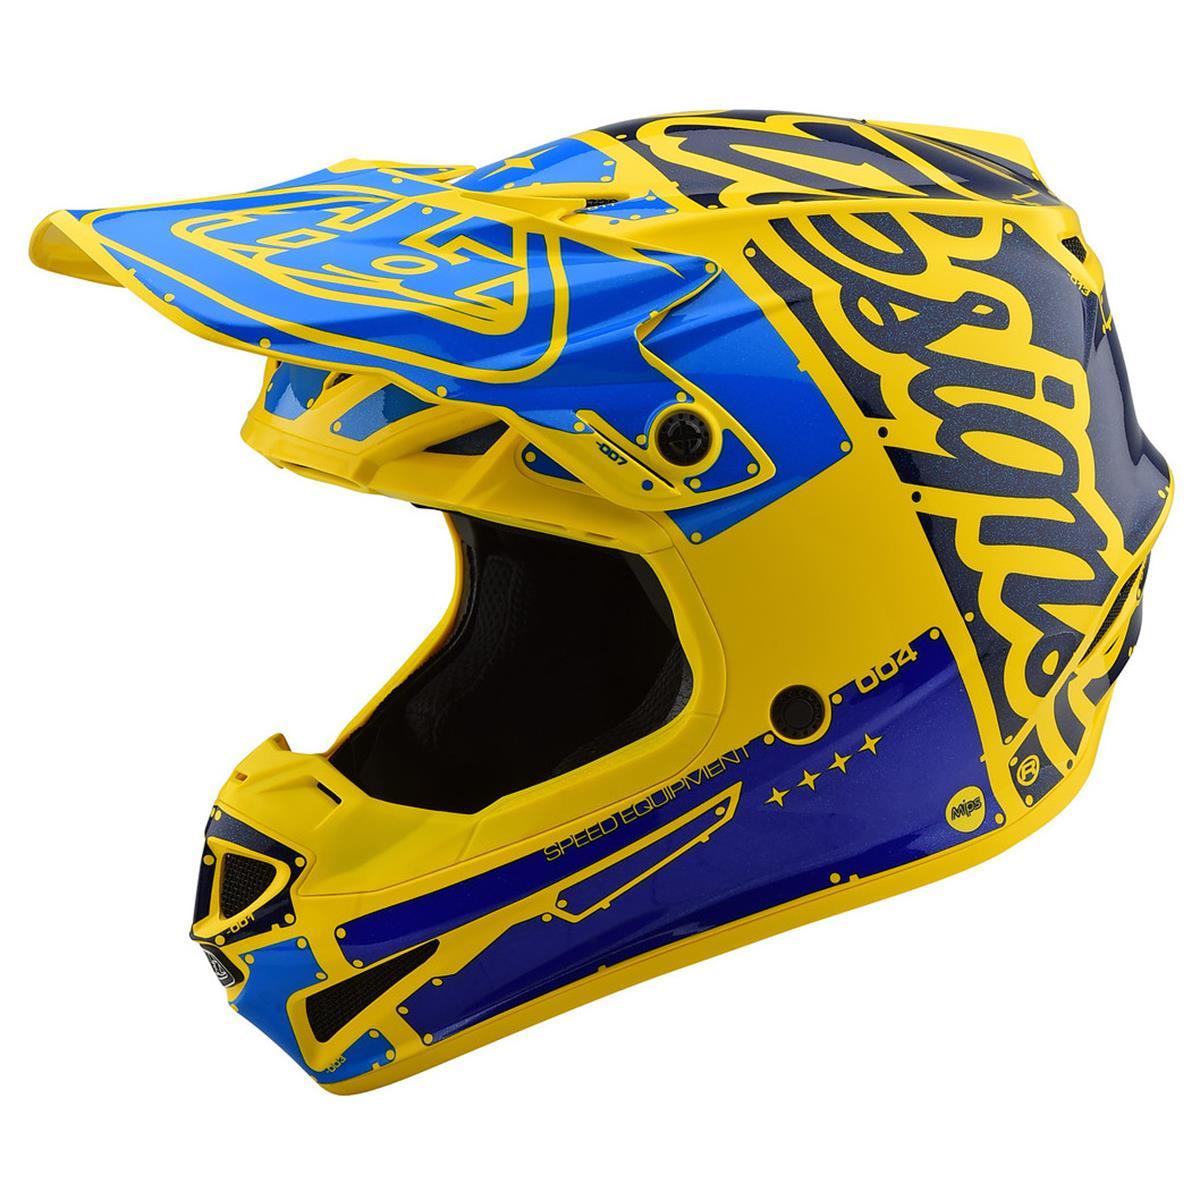 Troy Lee Designs Helm SE4 Polyacrylite MIPS Factory - Gelb/Blau